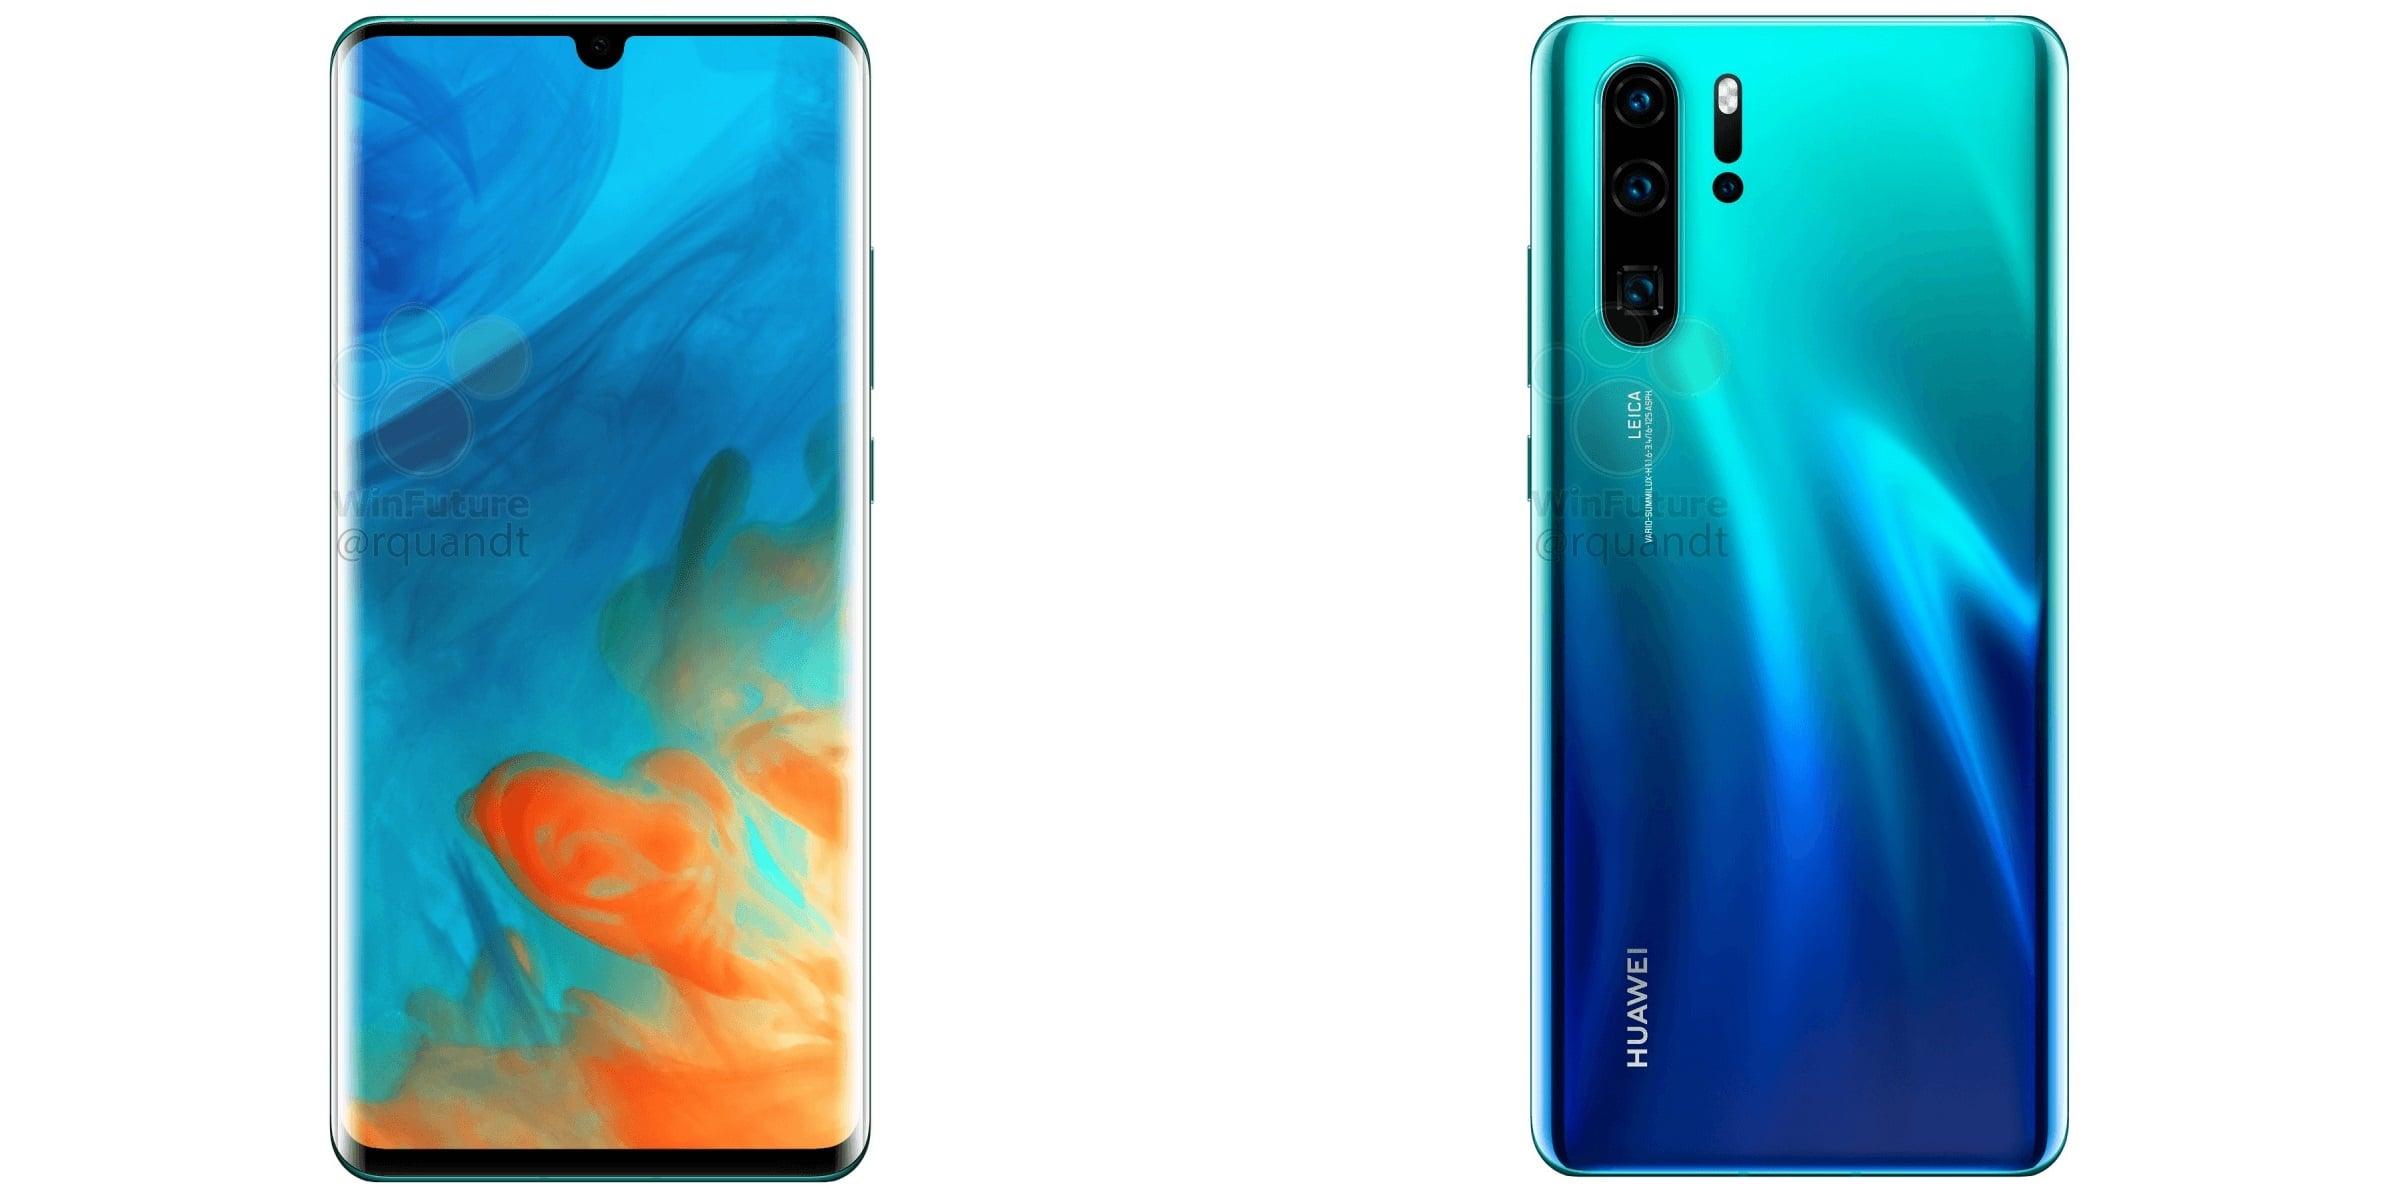 Huawei P30 Pro będzie tańszy niż Mate 20 Pro, a P30 - znacznie tańszy niż Samsung Galaxy S10 21